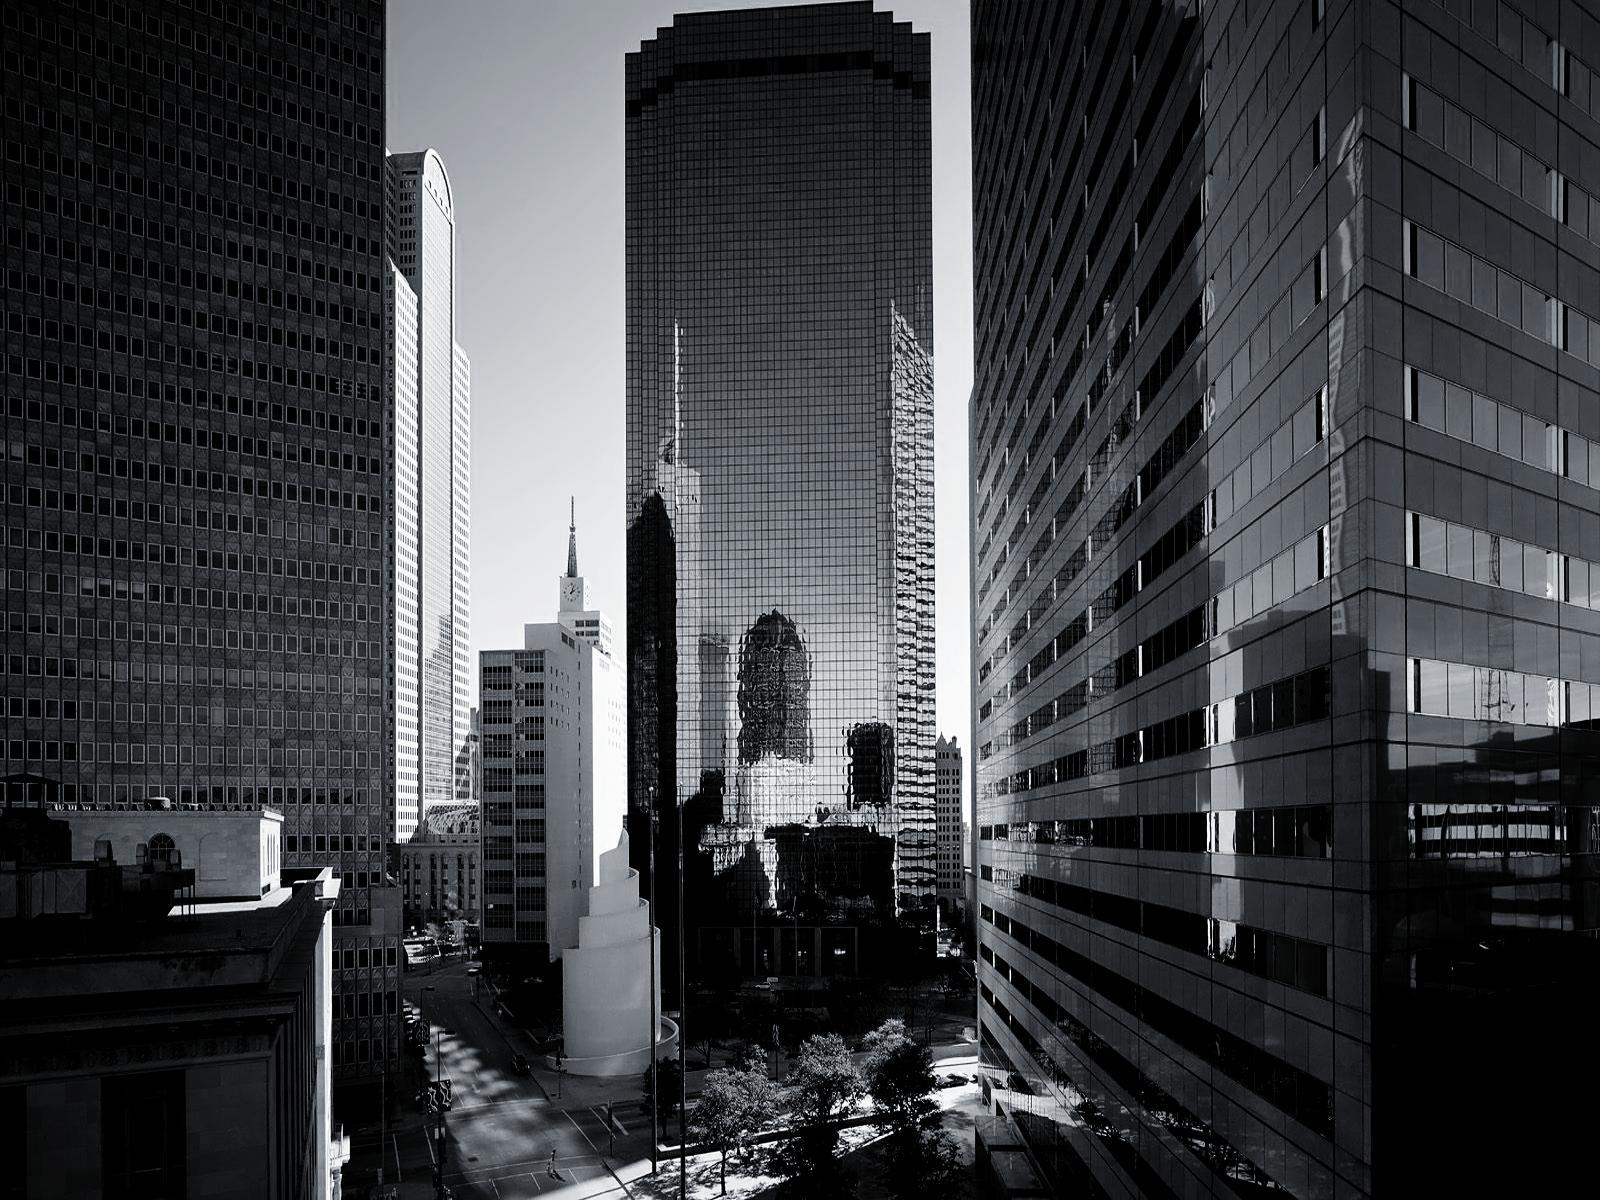 Houston Skyline Black And White - wallpaper